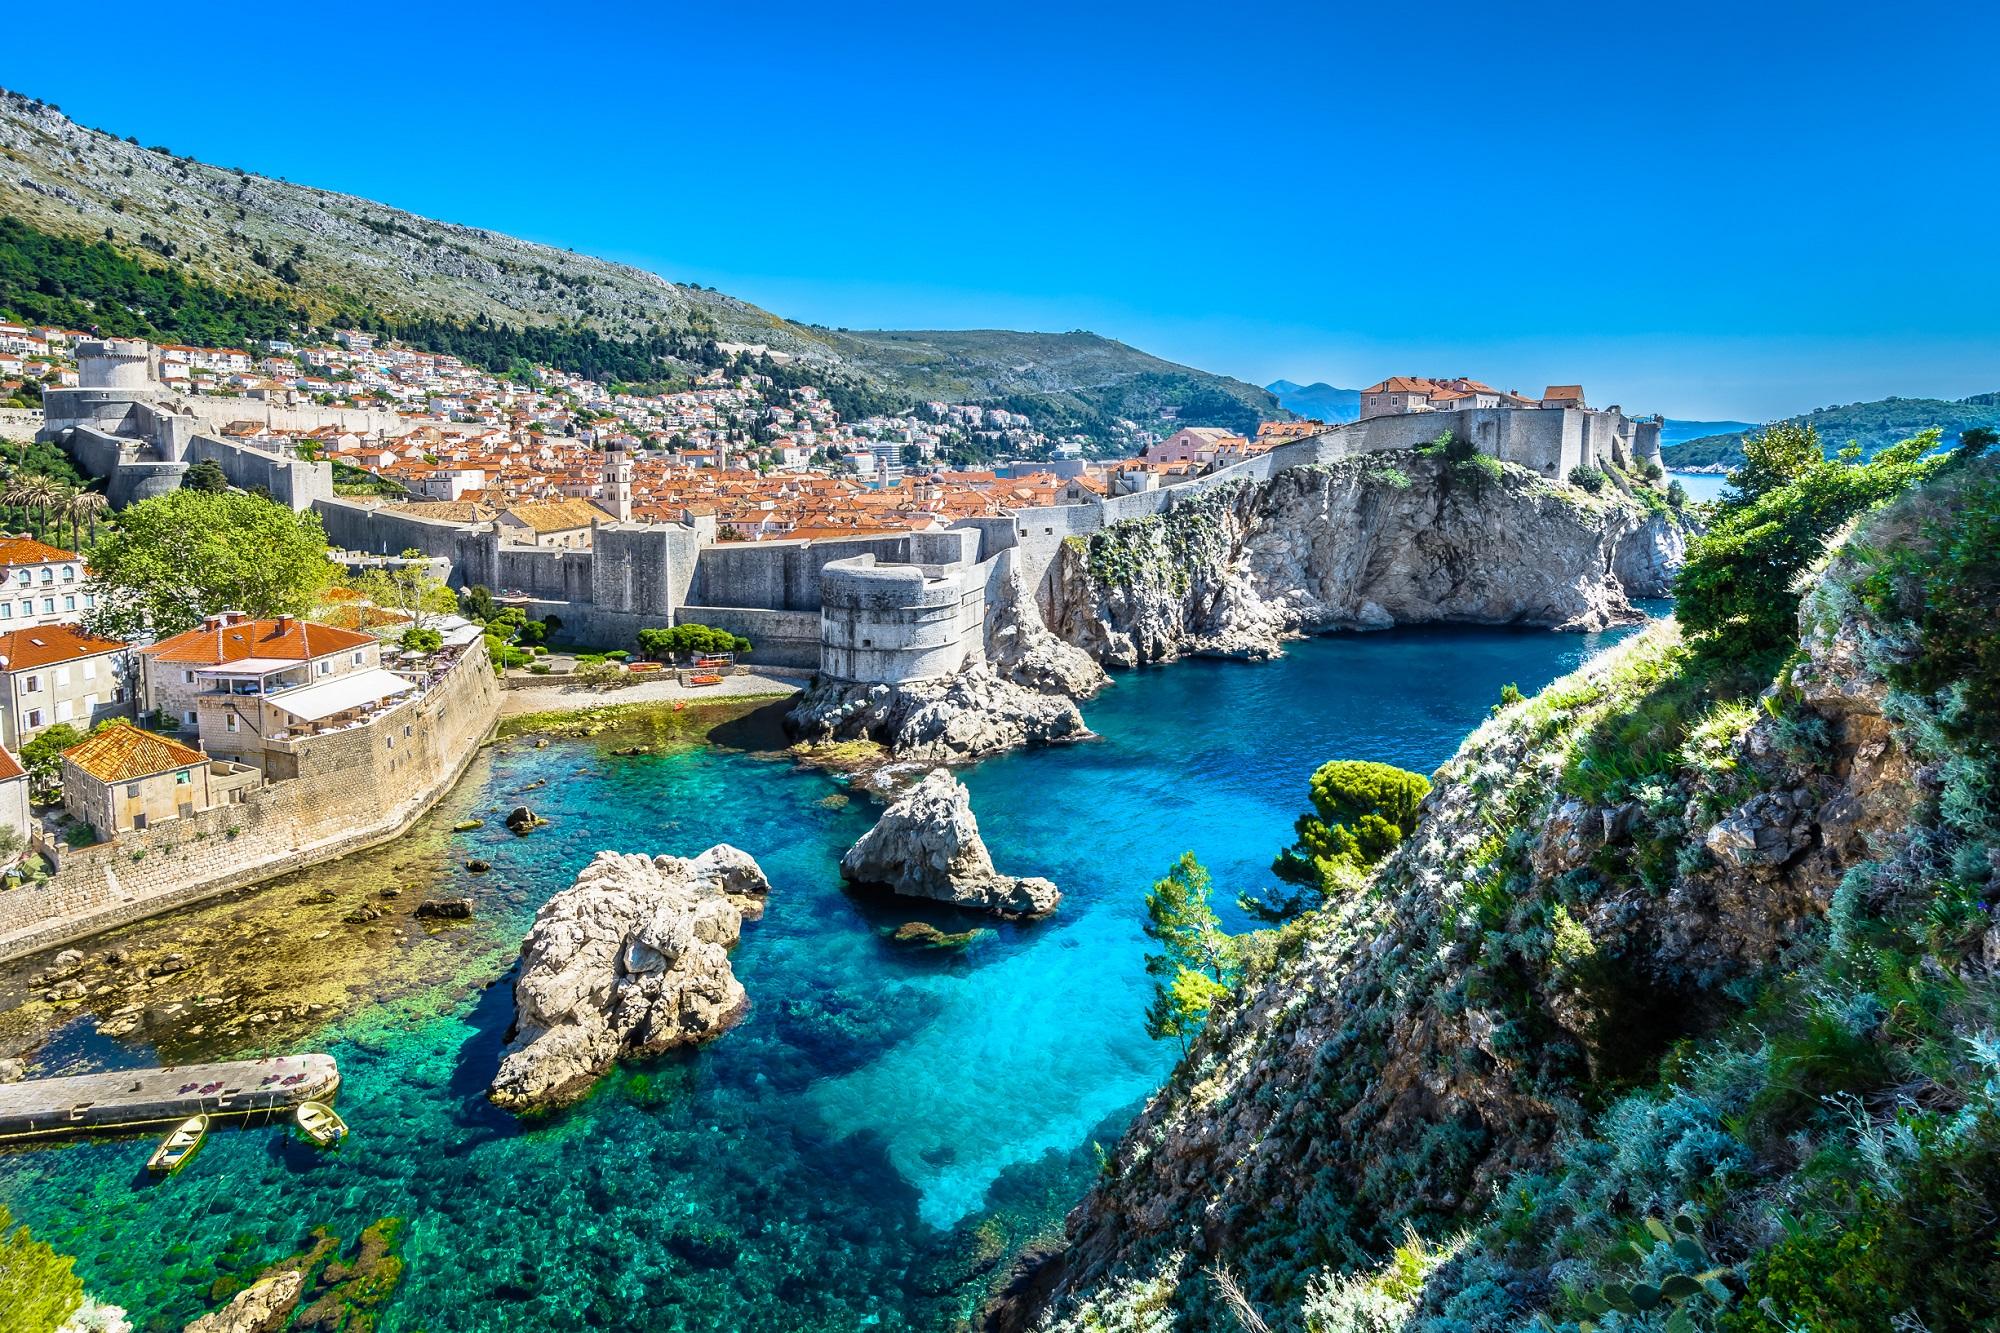 Társadalmi katasztrófa fenyegeti Horvátországot a kivándorlás miatt